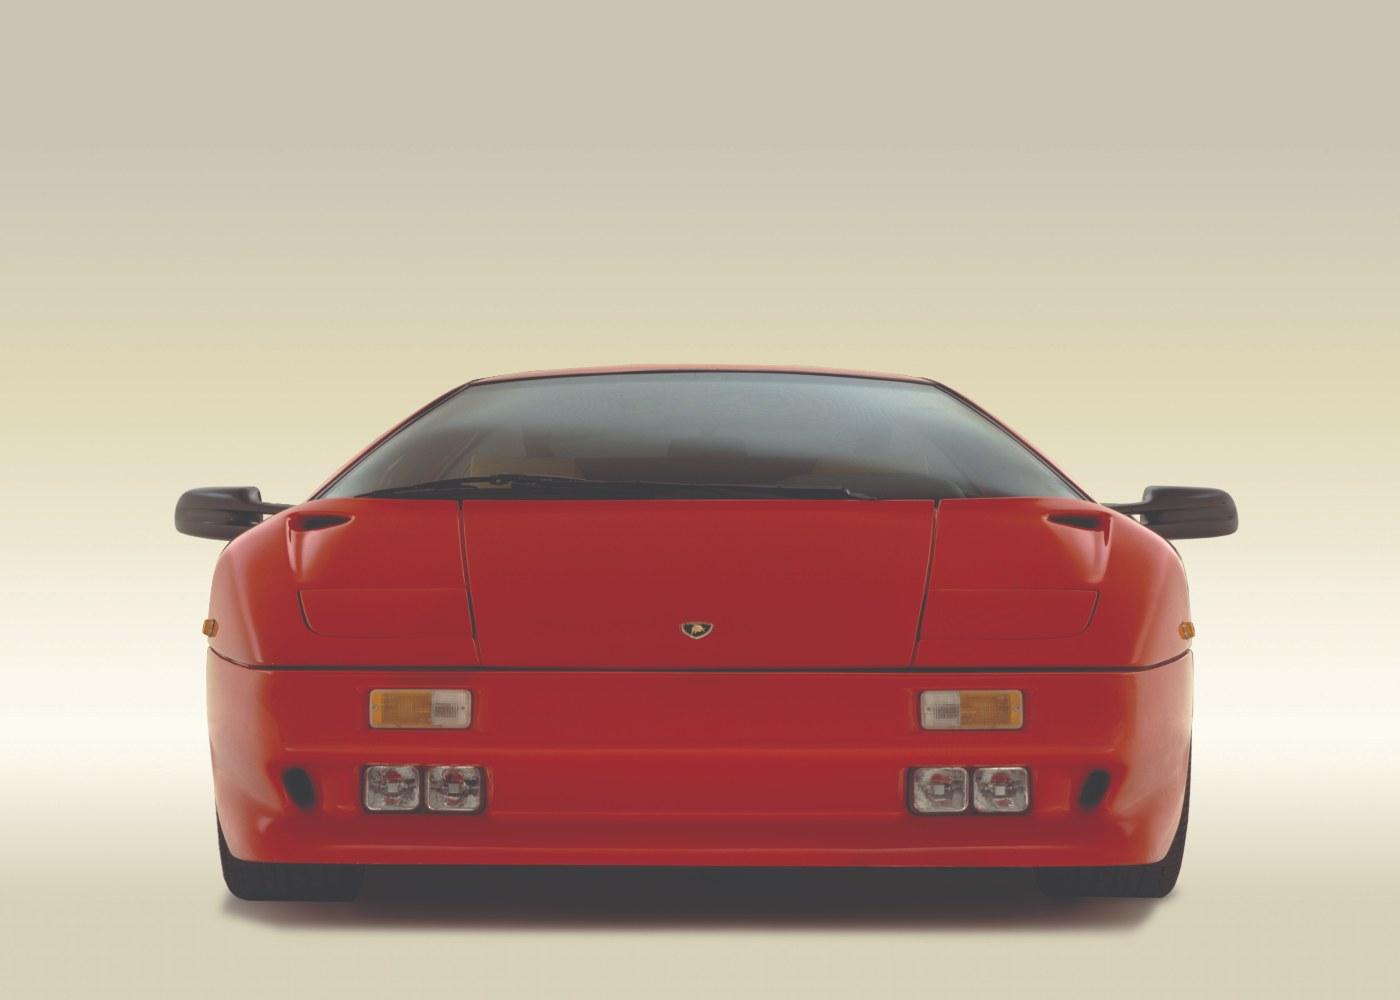 Lamborghini Diablo vermelho